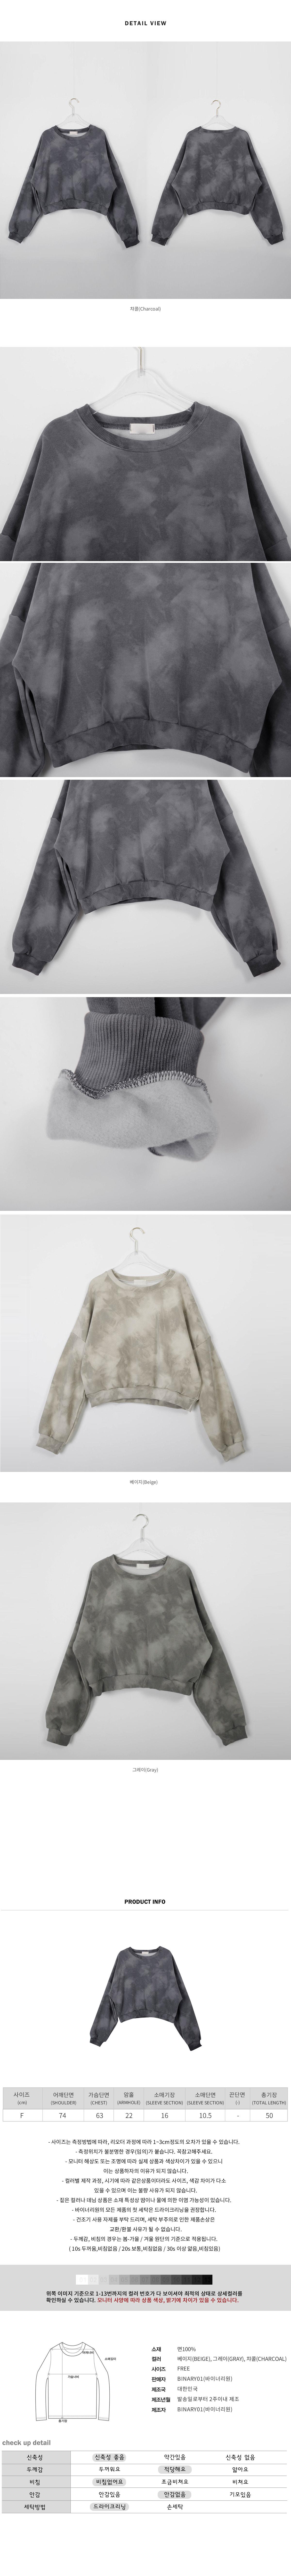 Pigment Runda Raised sweat shirt